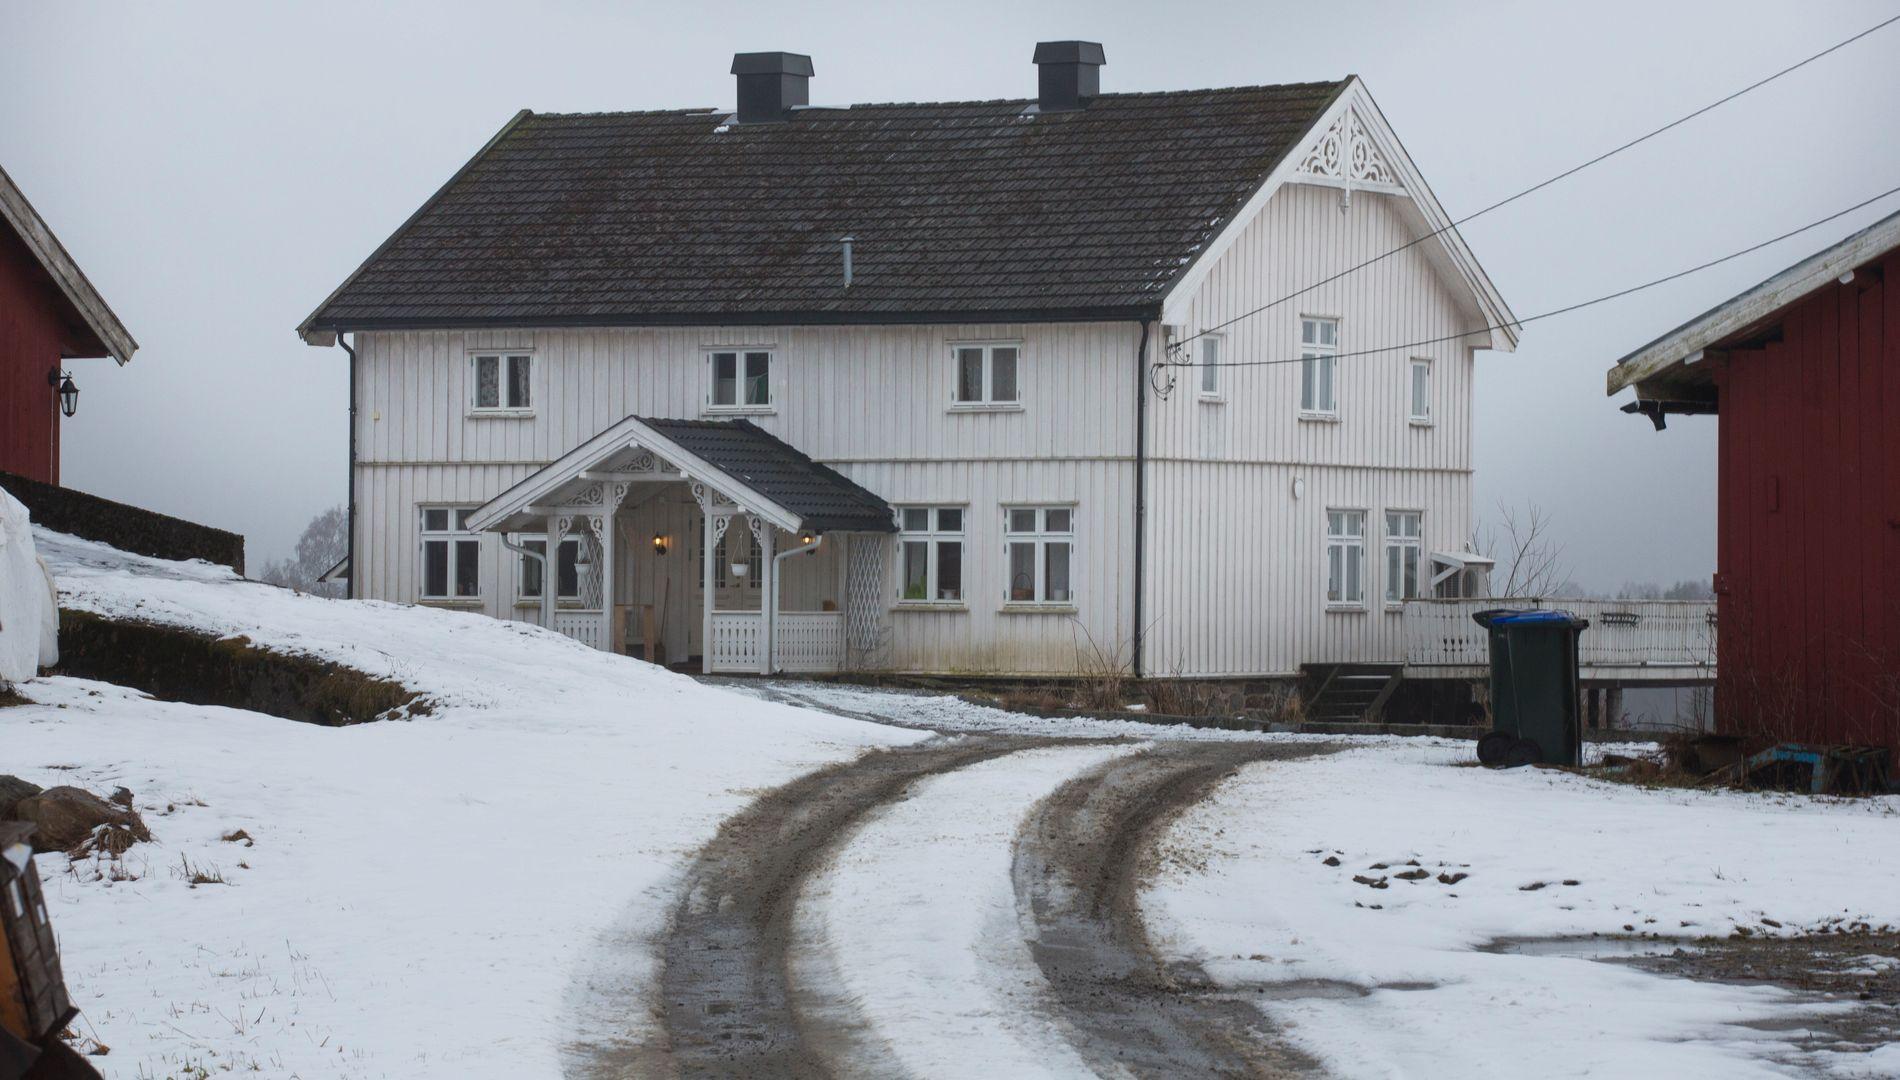 GÅRDEN: I denne boligen på Fenstad på Romerike bodde Eirik Jensen og samboeren.